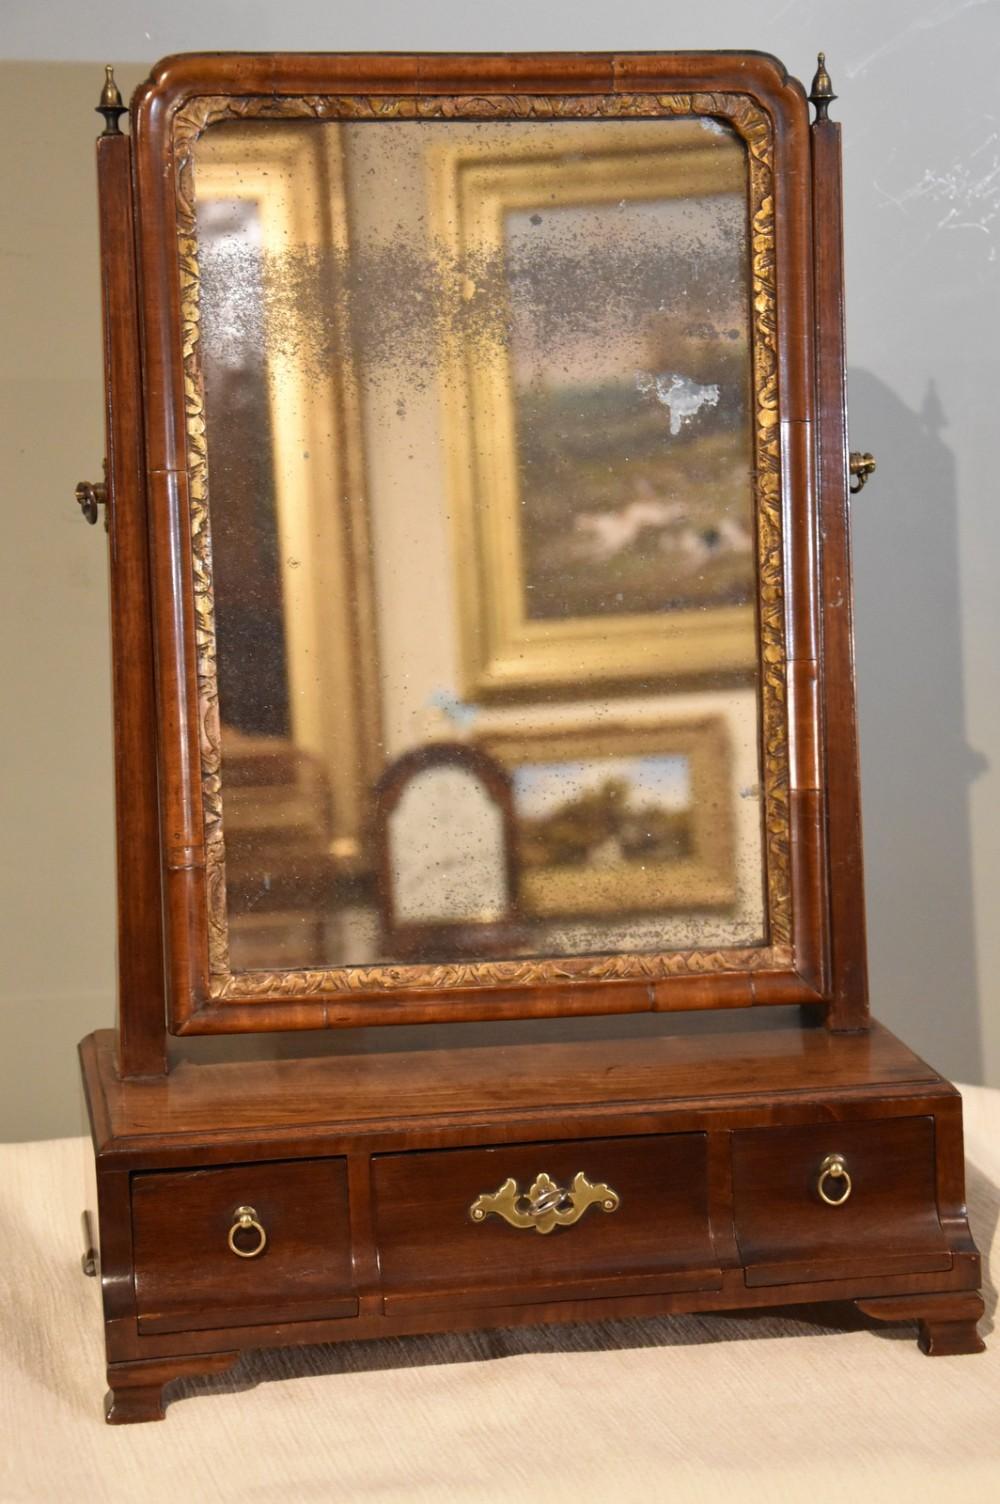 18th century mahogany box dressing table mirror